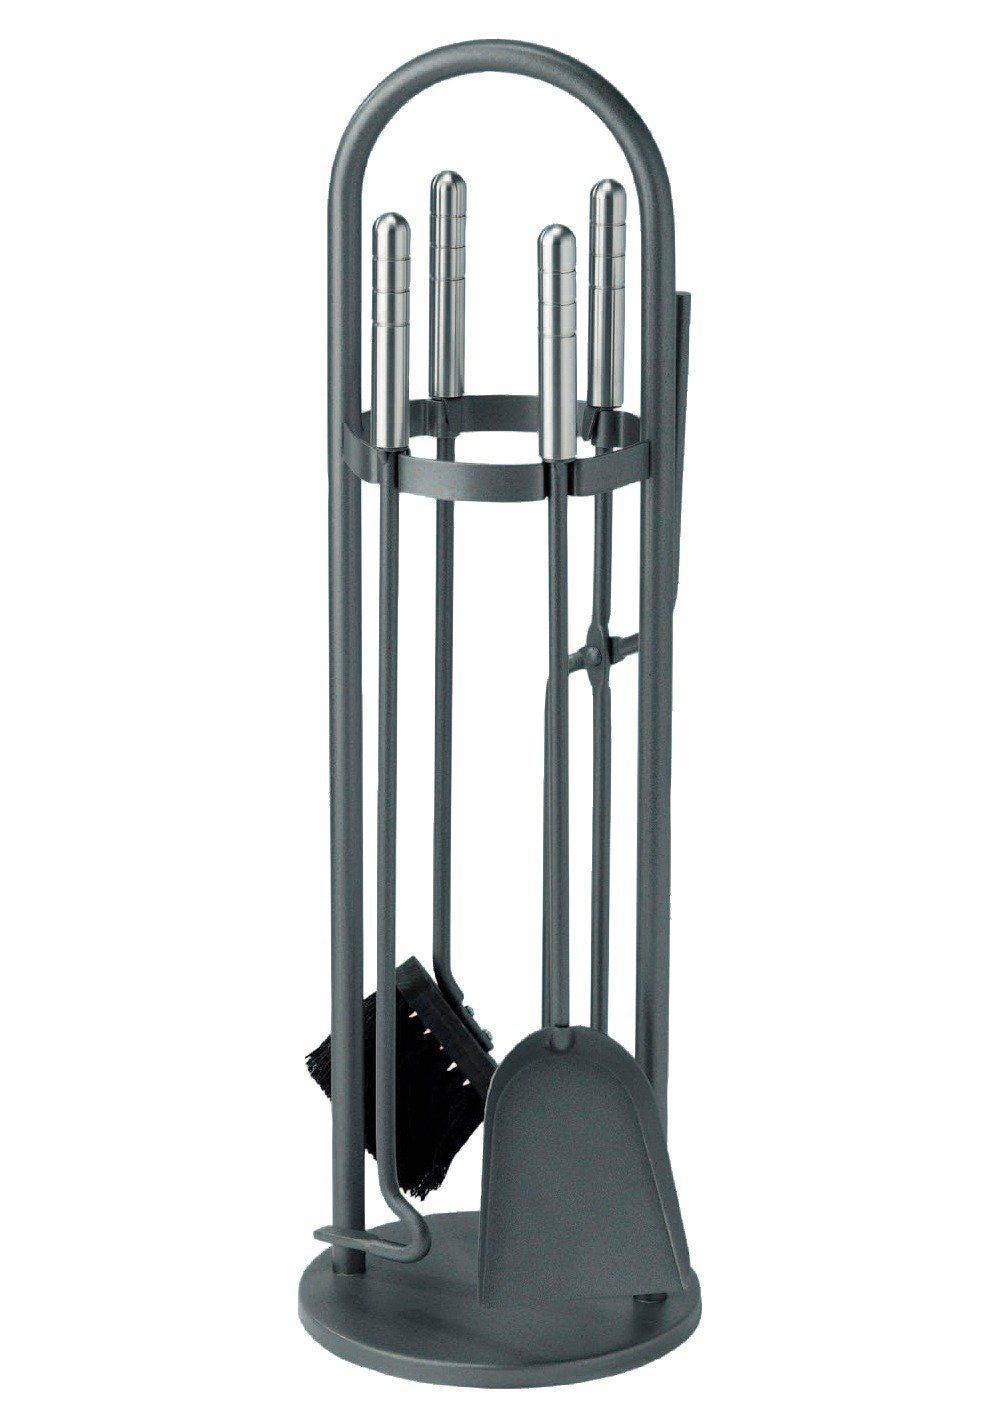 Südmetall Kaminbesteck »Eisen beschichtet«, Set 4 tlg., Griffe aus Edelstahl | Wohnzimmer > Kamine & Öfen > Kaminbestecke | Südmetall